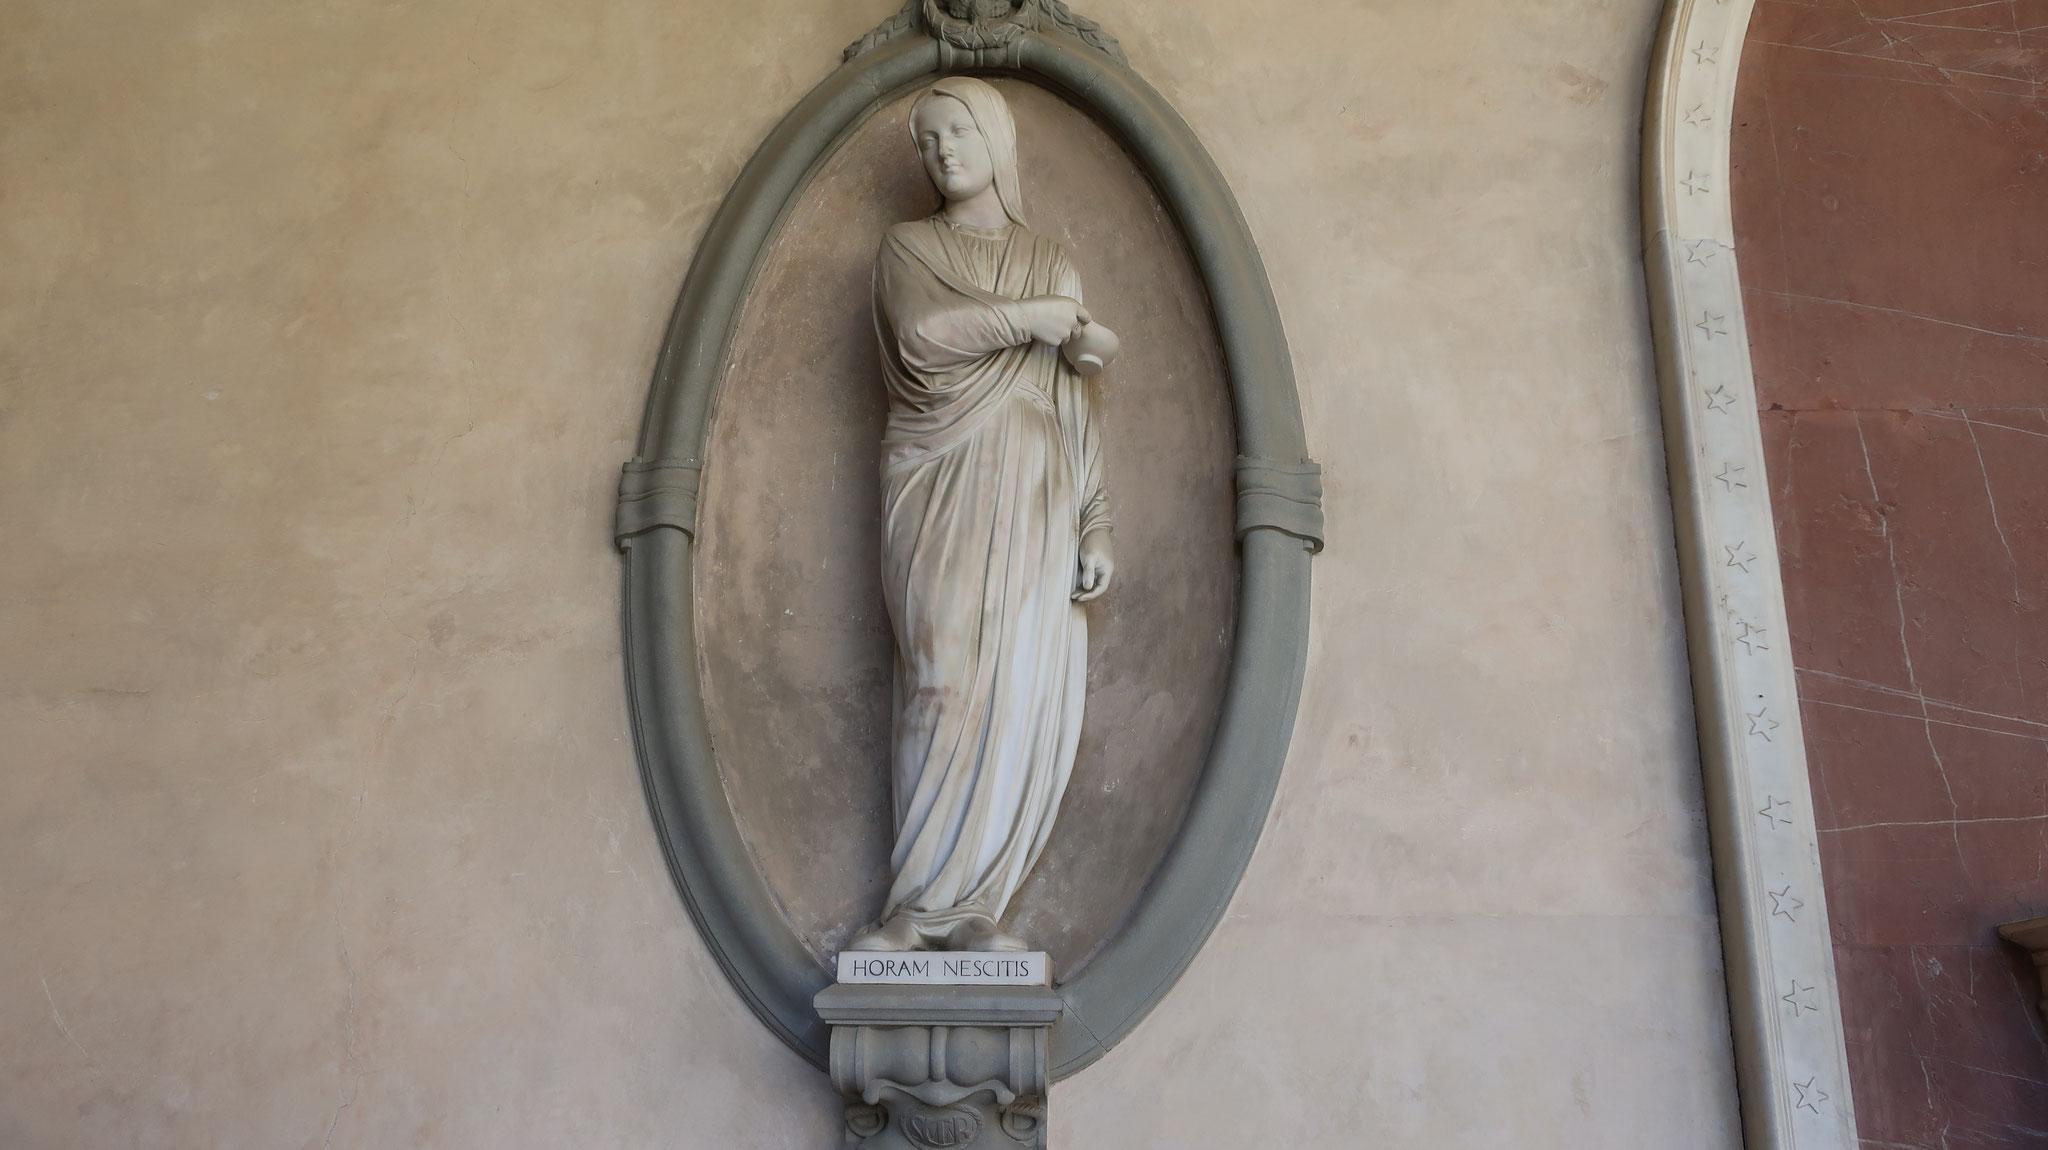 ナイチンゲールの像(ランプを掲げた婦人)